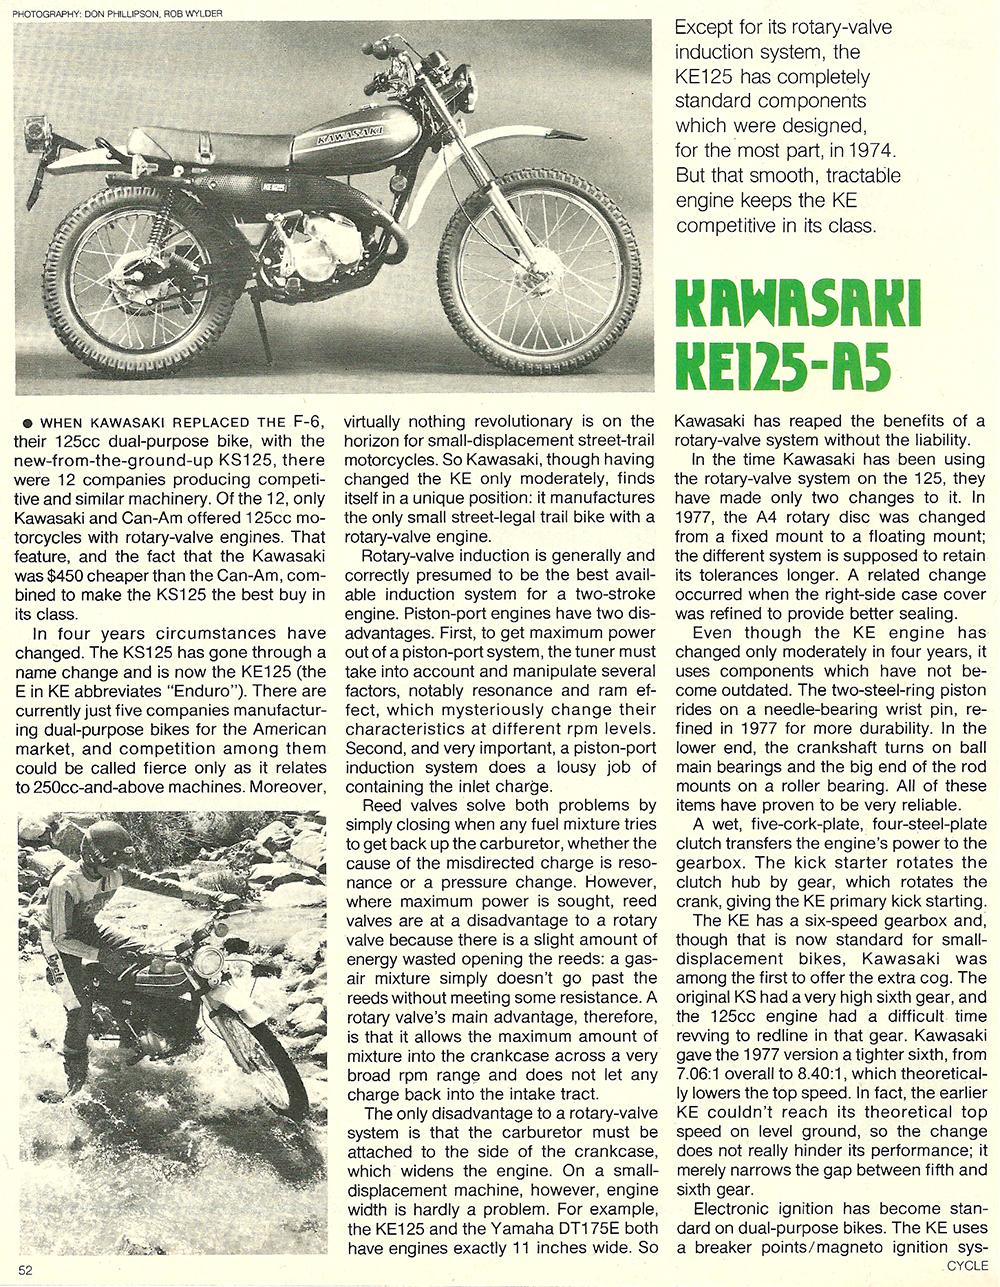 1978 Kawasaki KE125 A5 roat test 01.jpg